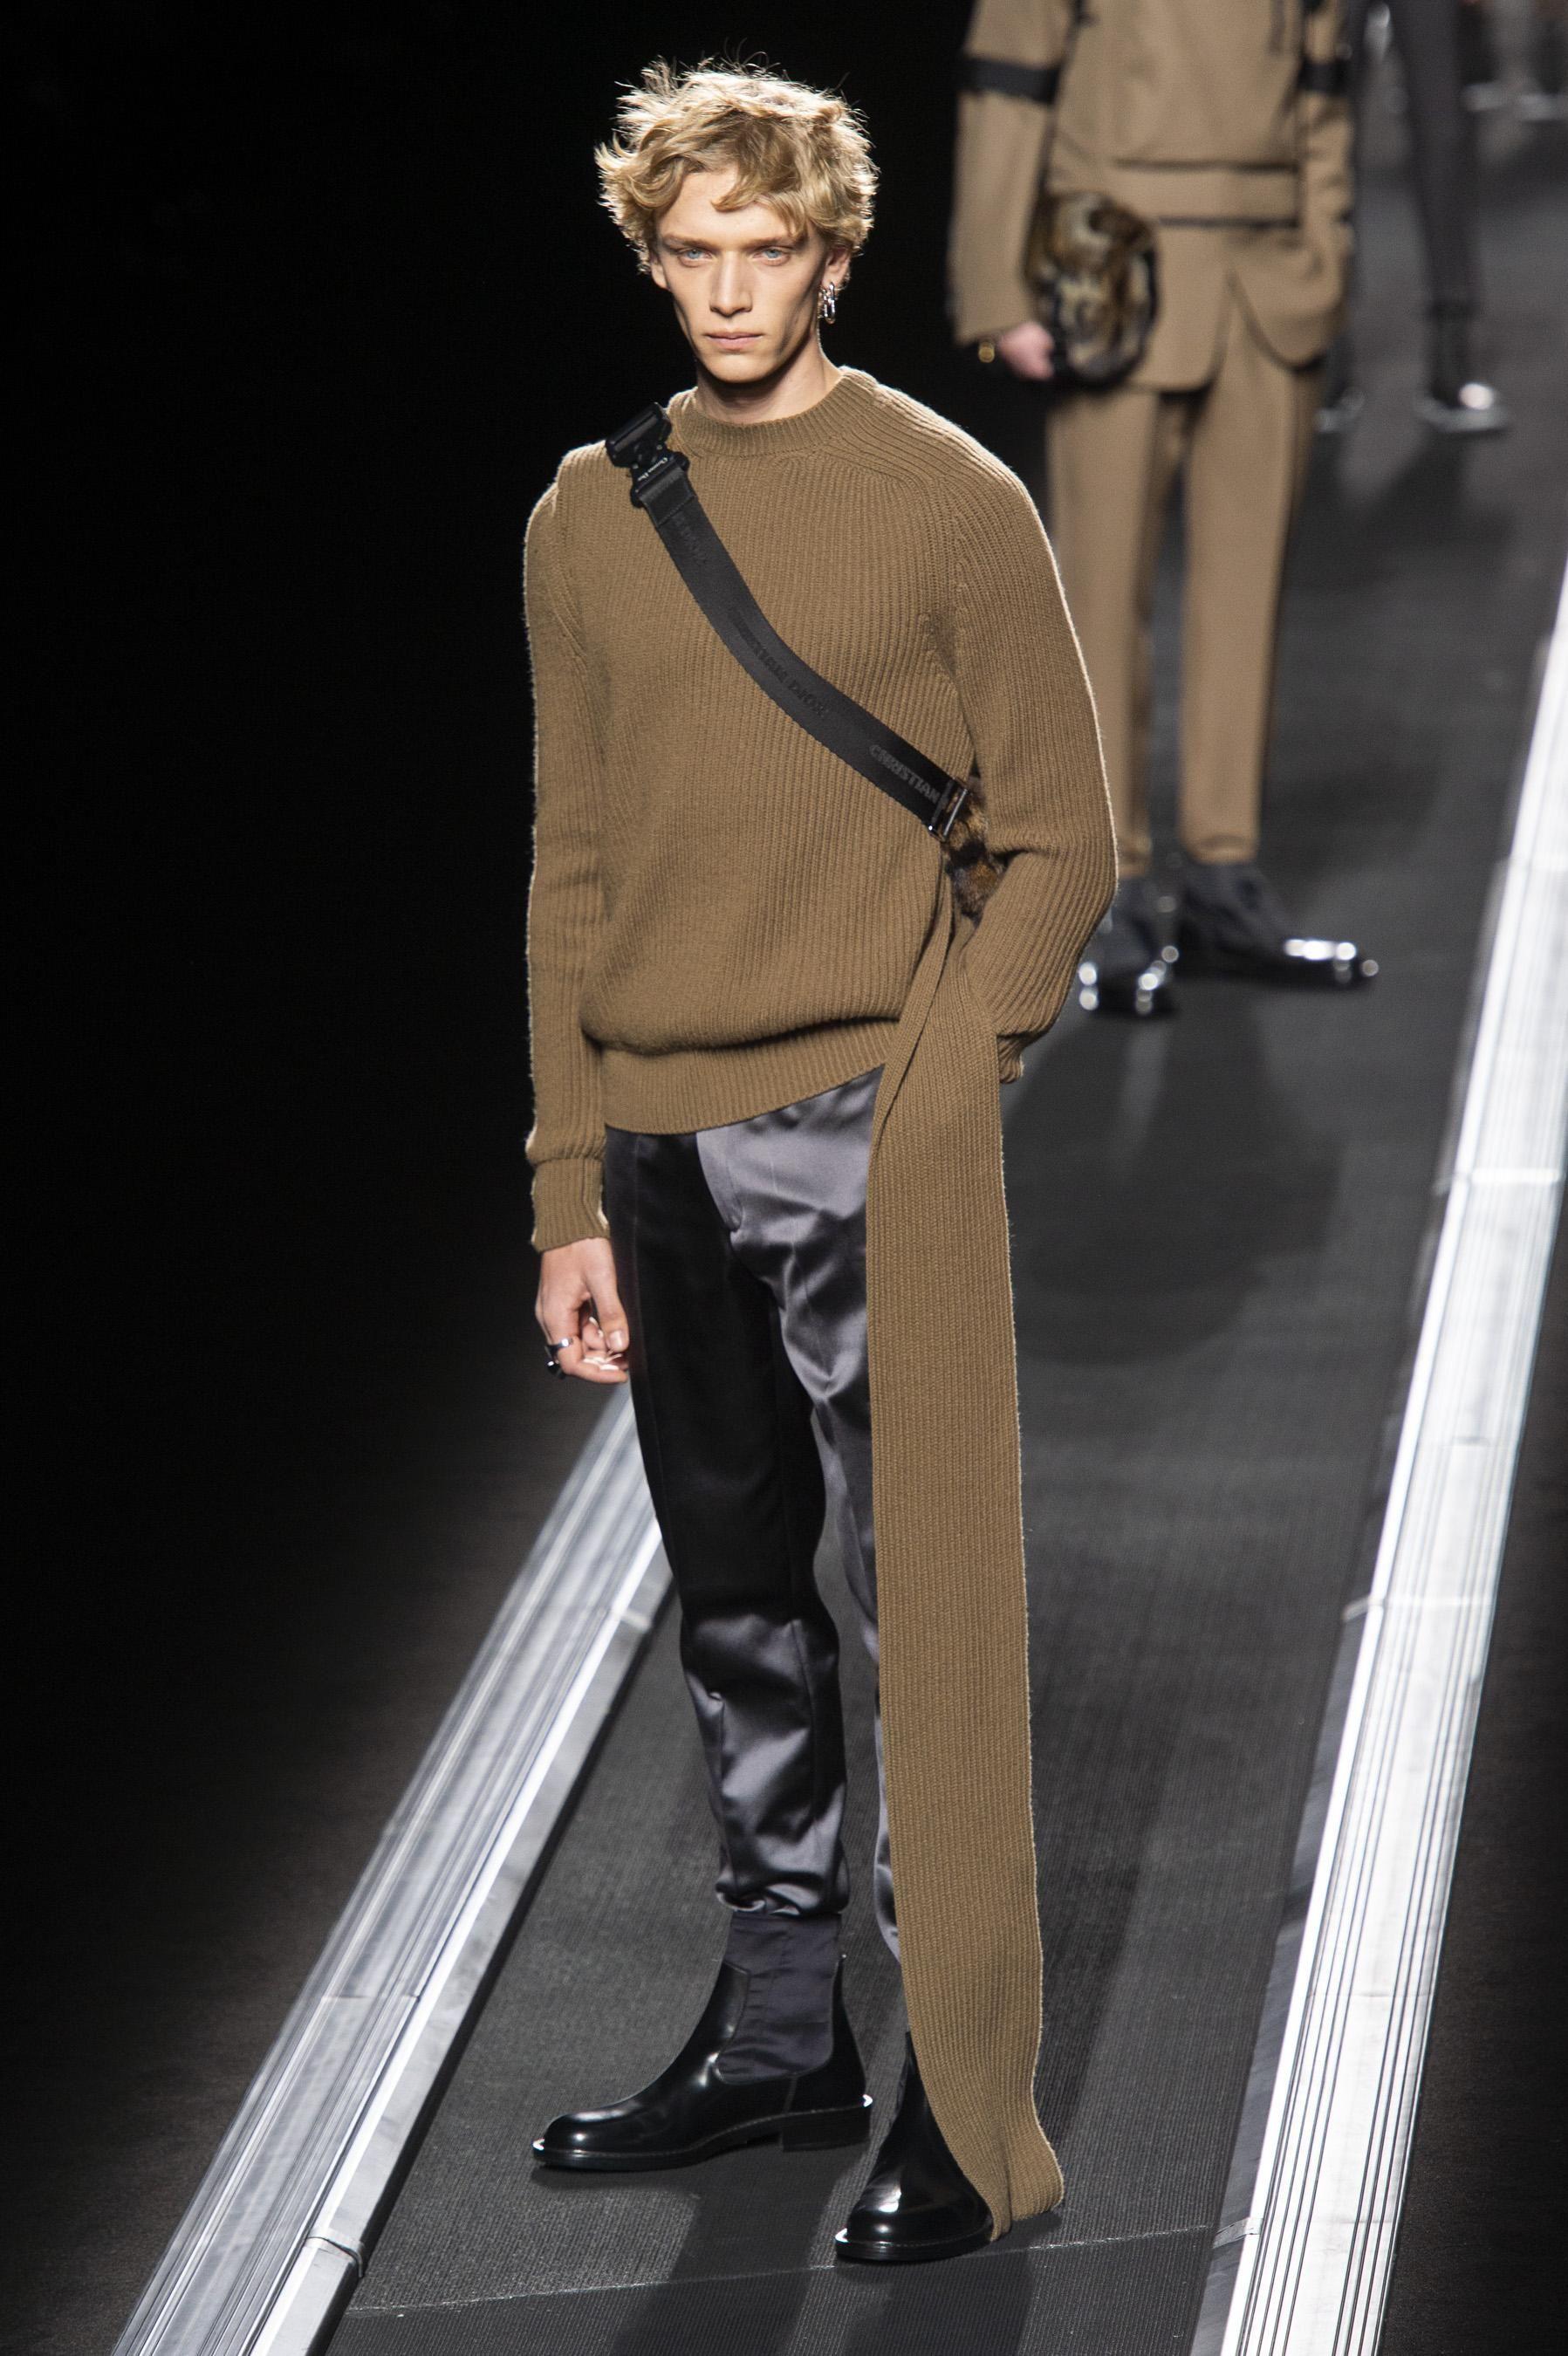 e50a61723b5 Défilé Dior Homme automne-hiver 2019-2020 Homme - Madame Figaro